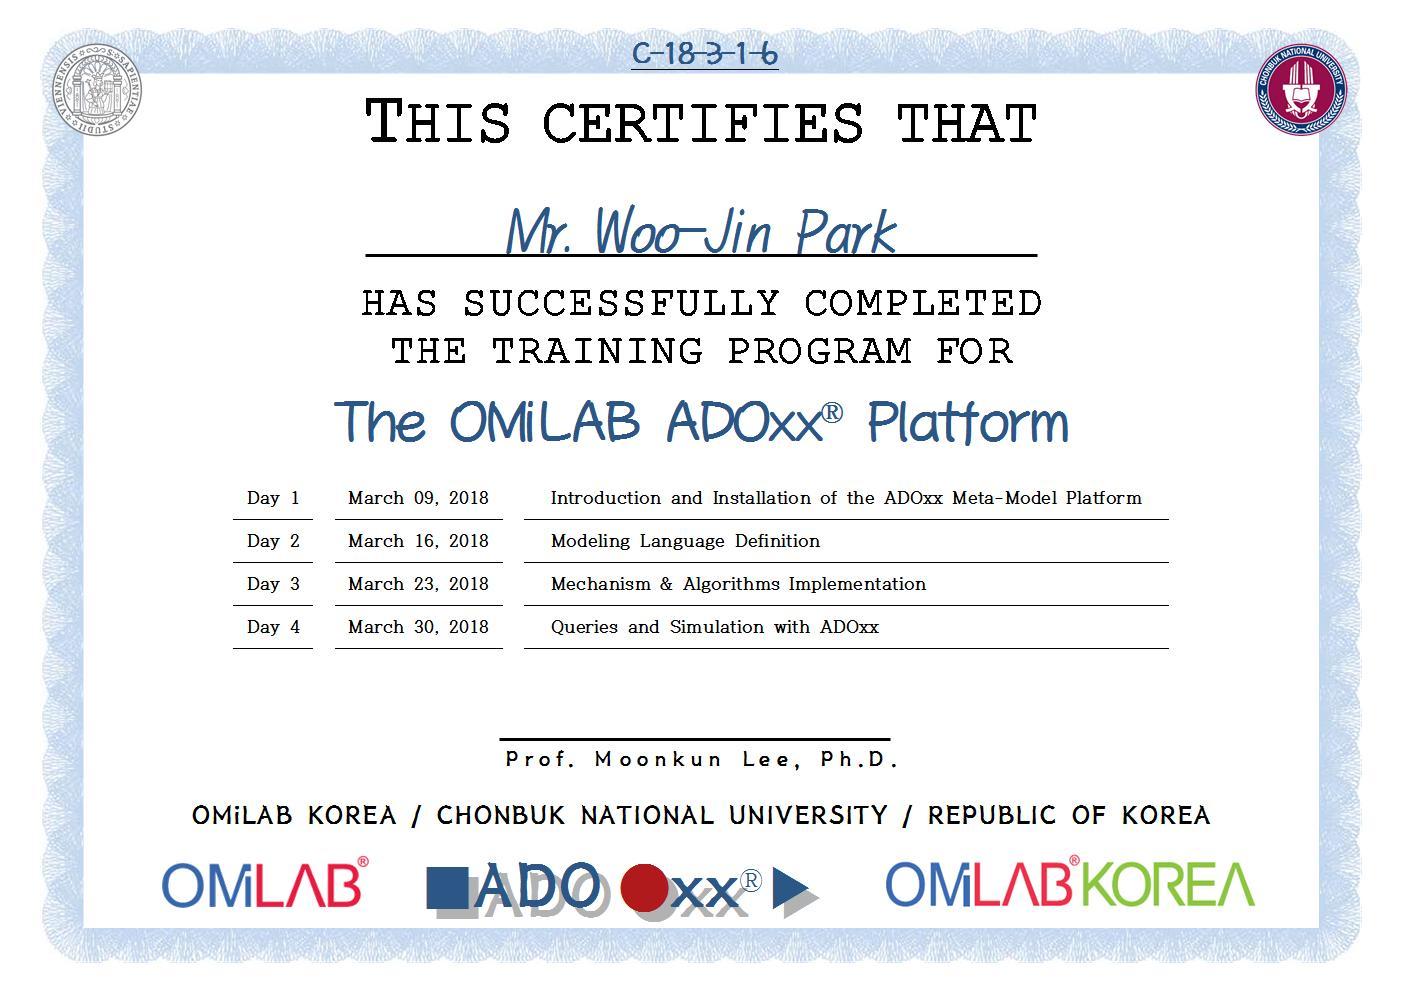 [CBNU] Mr. Woo-Jin Park - 2018 제 3차 ADOxx Training 수료증-f001.jpg